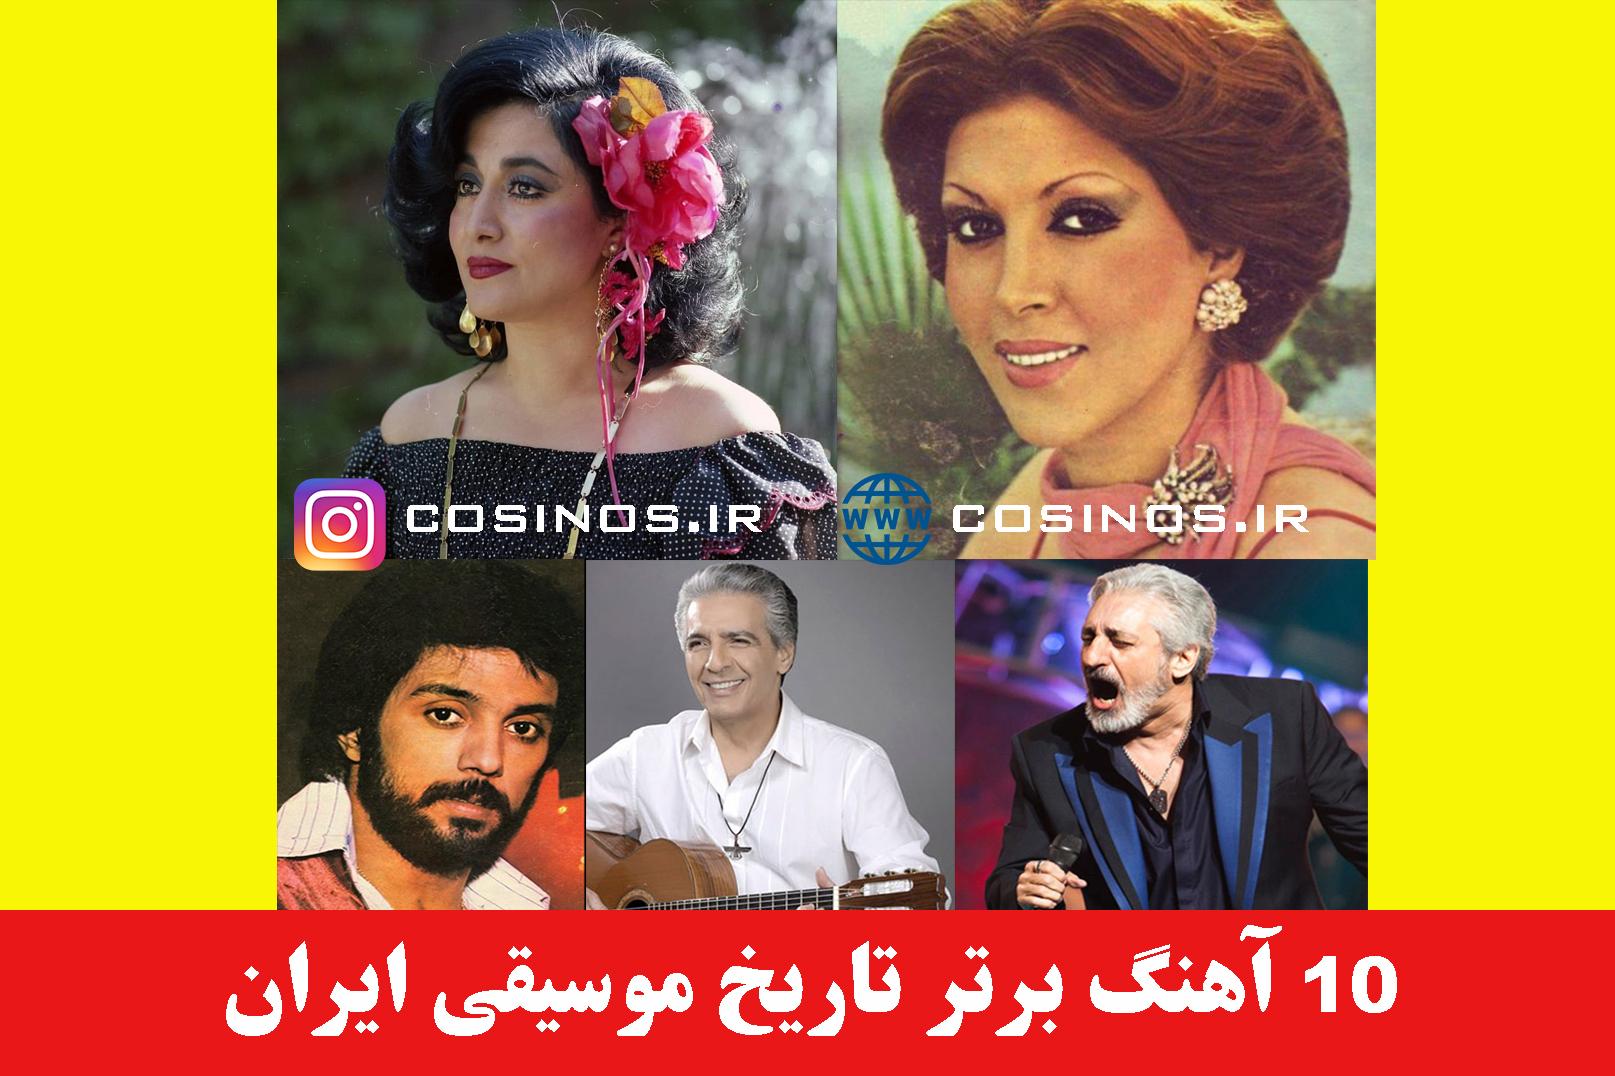 10 آهنگ برتر تاریخ موسیقی ایران